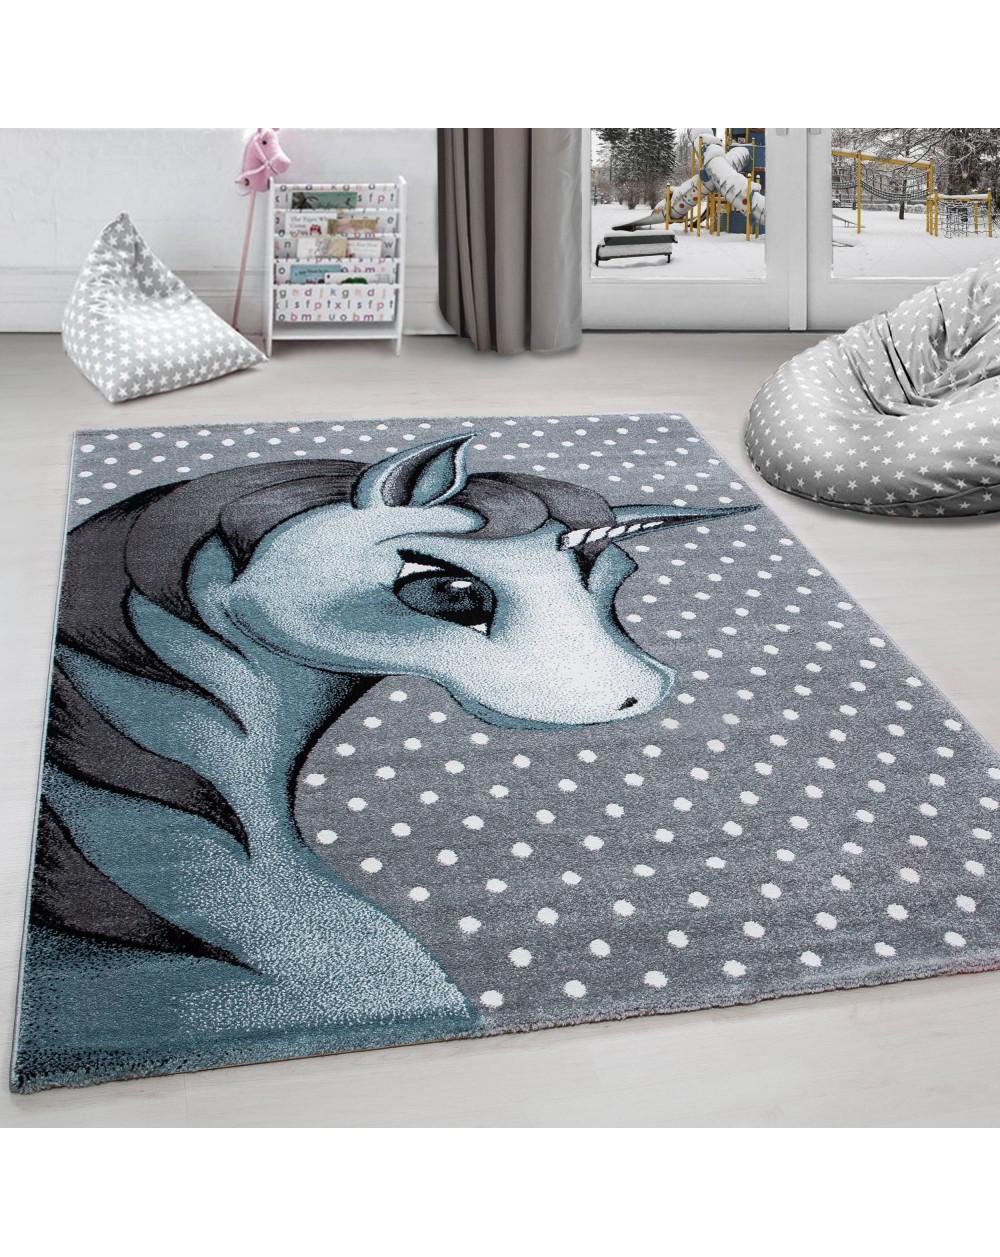 Kinderteppich Kinderzimmer Teppich Einhorn Muster Grau-Weiß-Blau Größe  80x150 cm